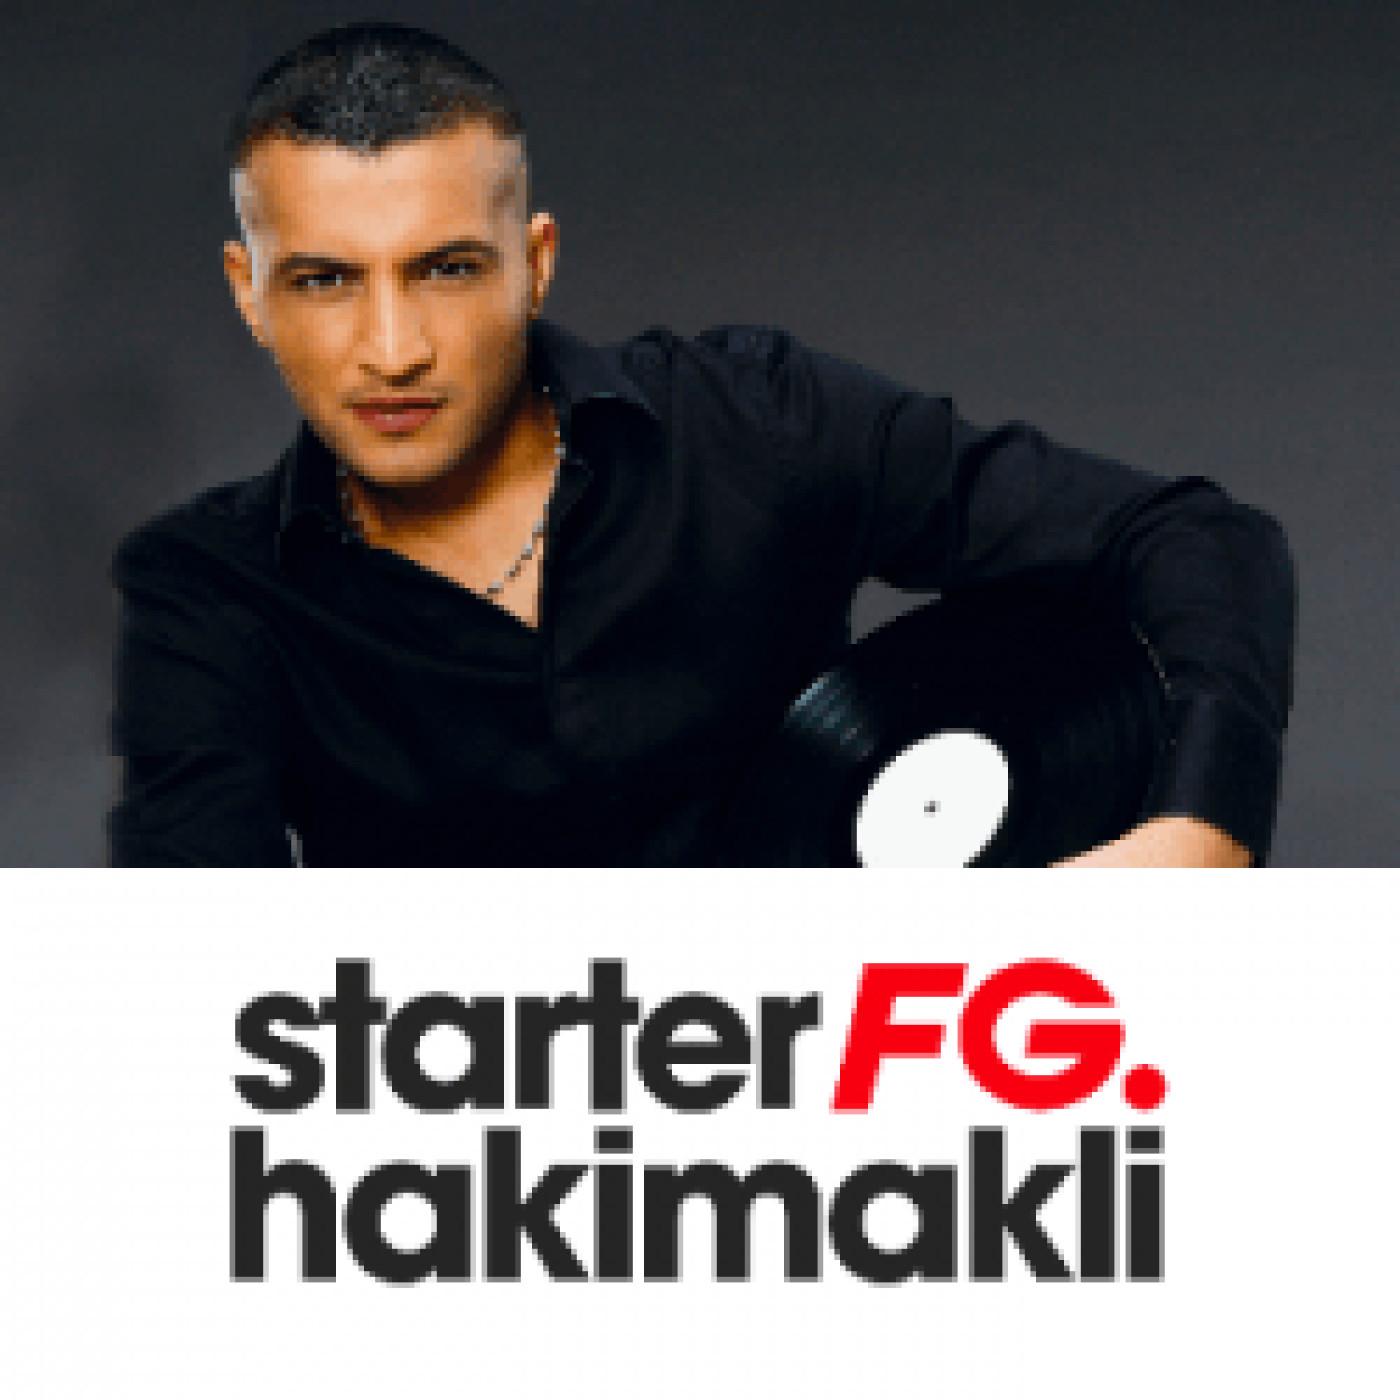 STARTER FG BY HAKIMAKLI LUNDI 23 NOVEMBRE 2020